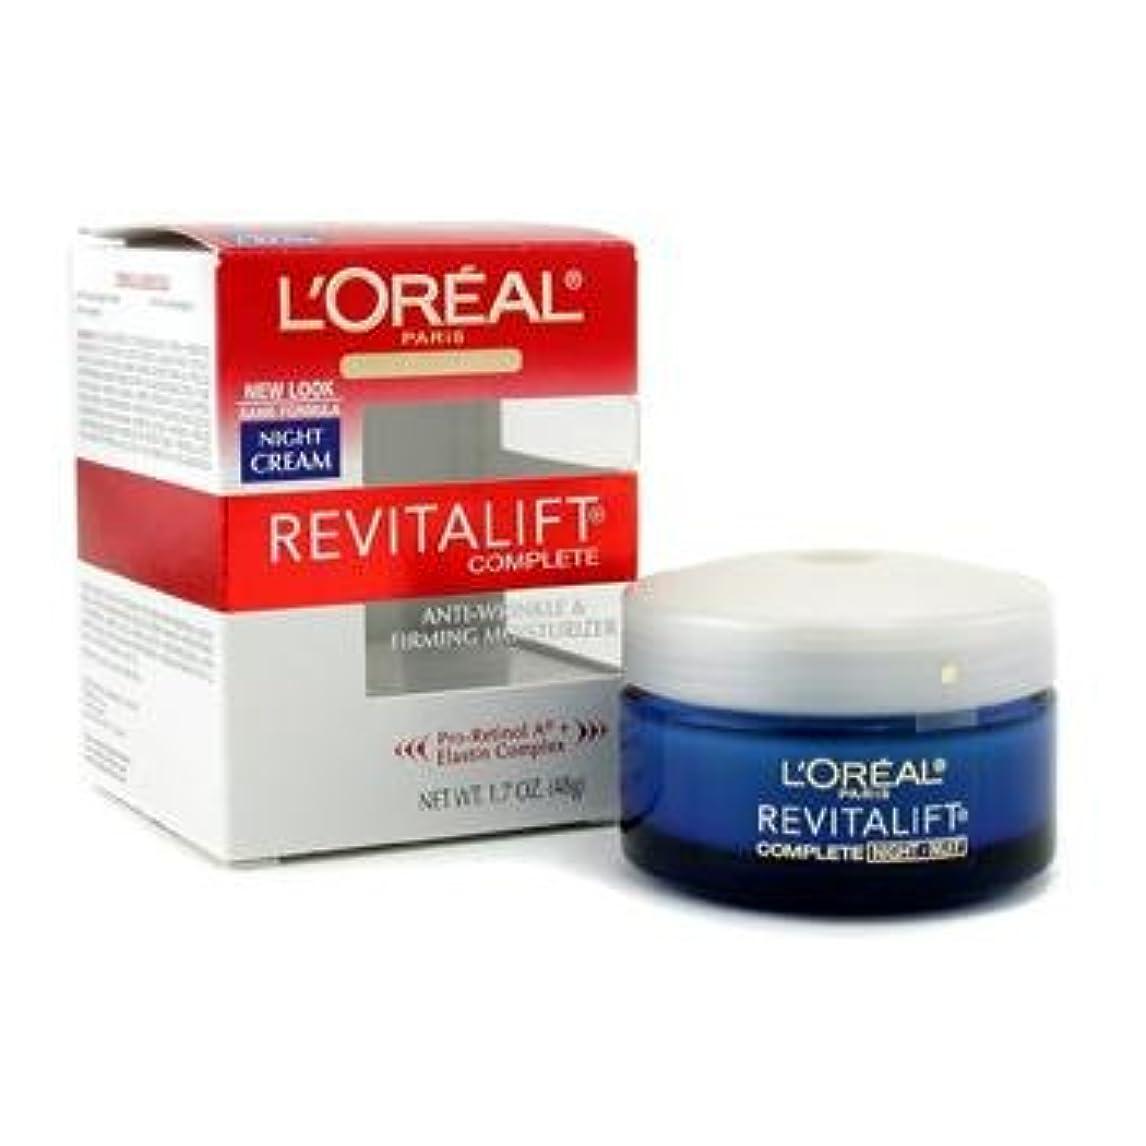 ヒゲモーテル師匠[LOreal] Skin Expertise RevitaLift Complete Night Cream 48g/1.7oz